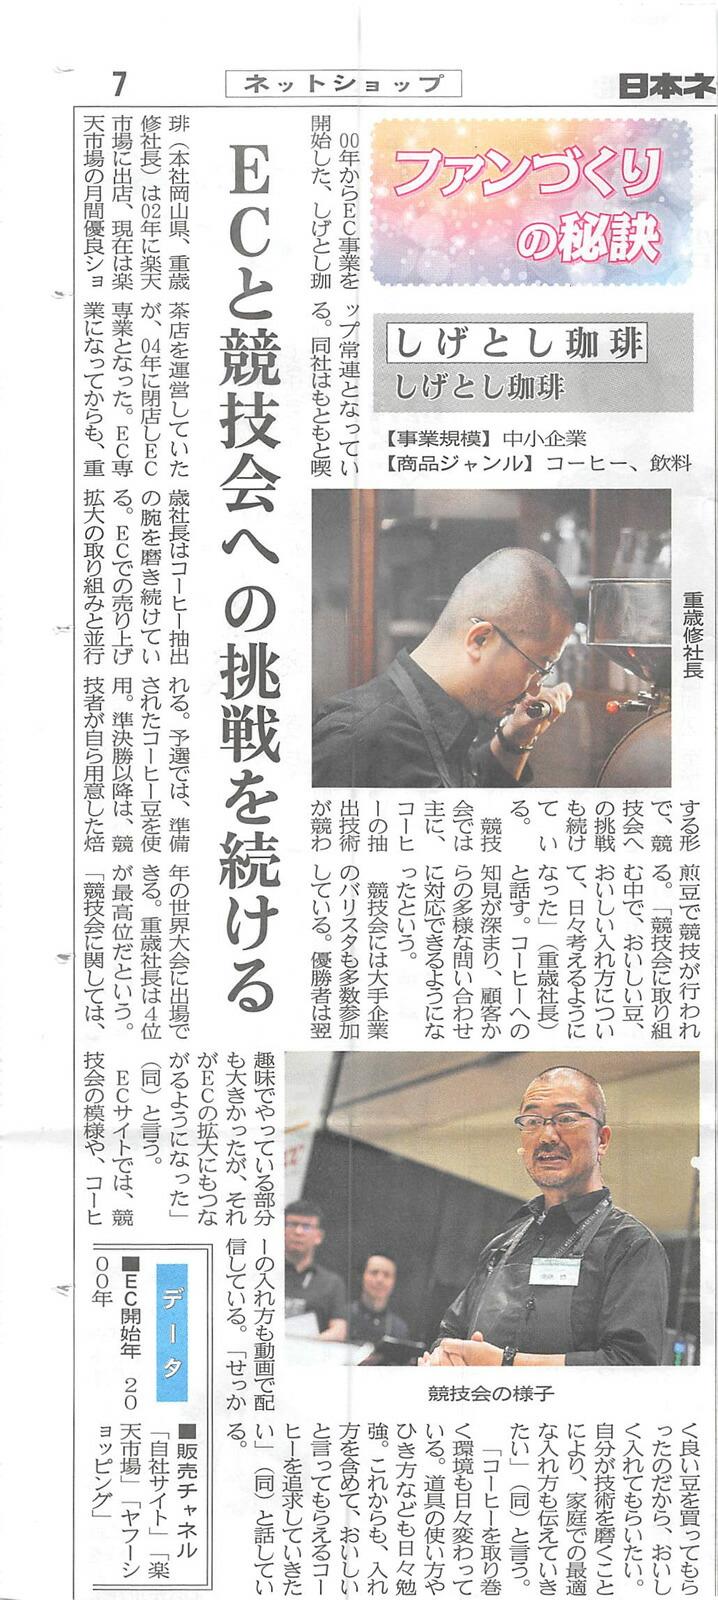 ありがとうございます!日本ネット経済新聞様に取り上げていただきました。